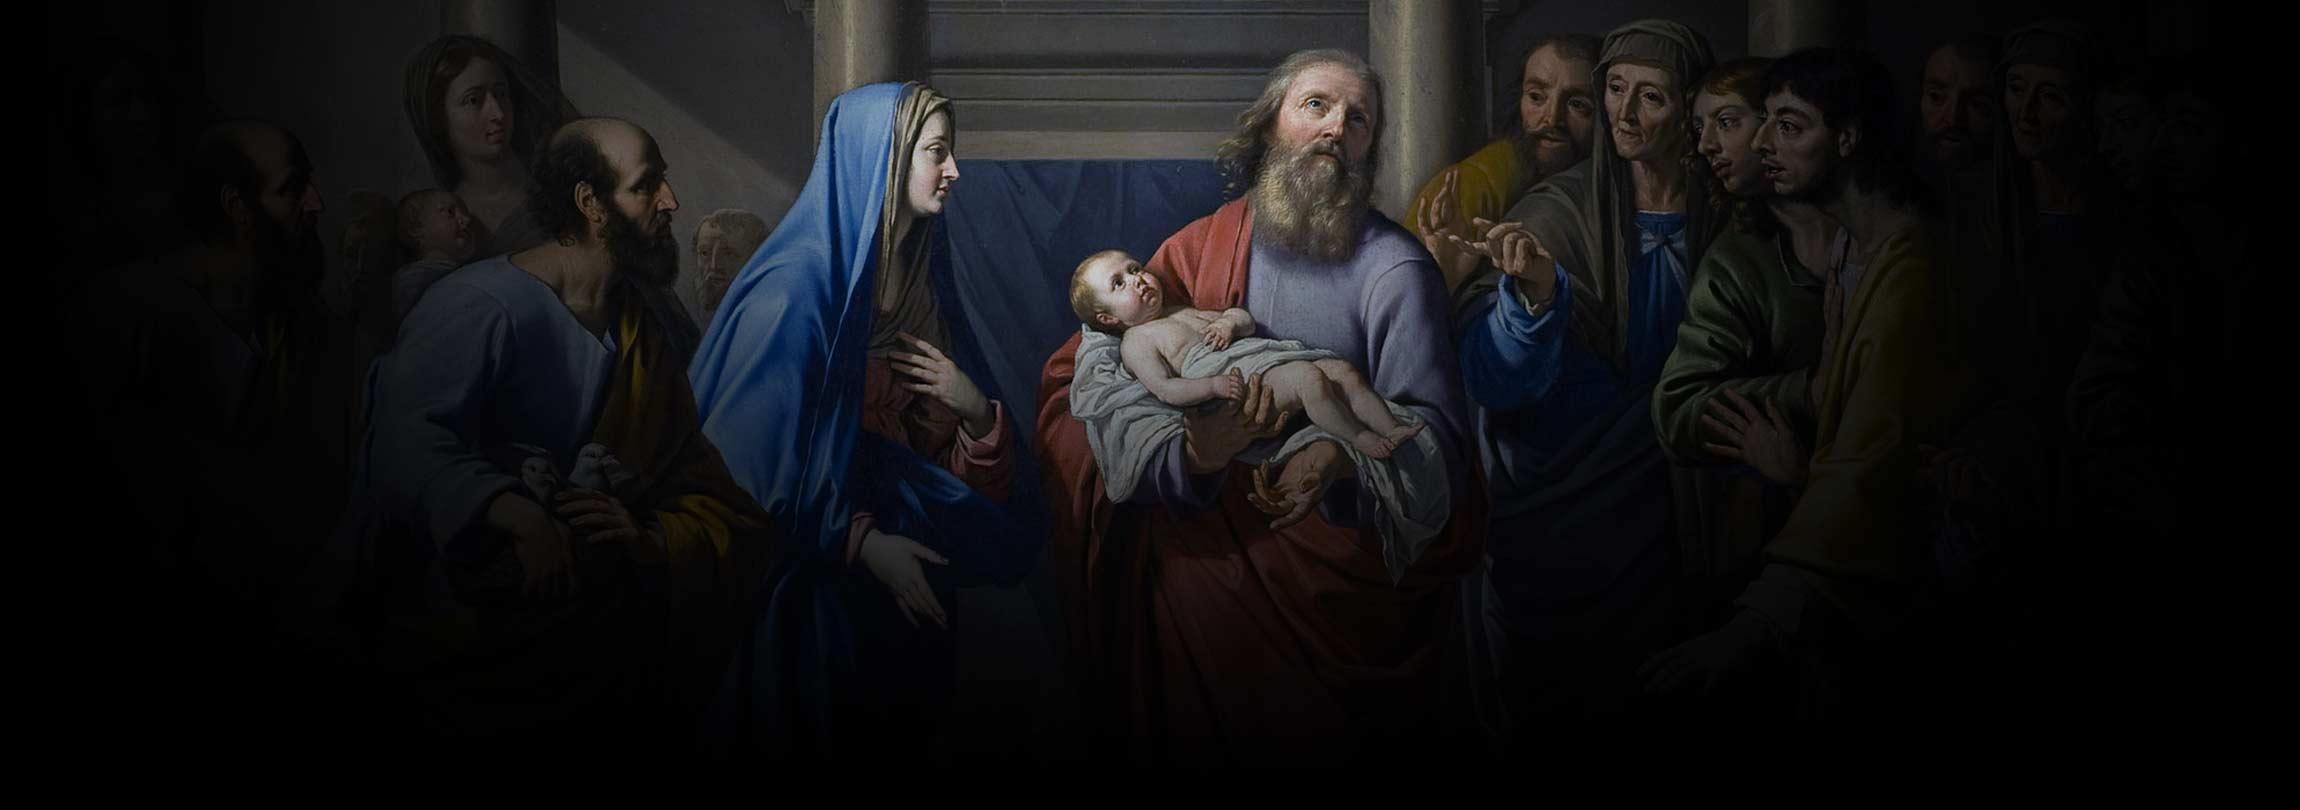 Se Maria é imaculada, por que precisou se purificar?